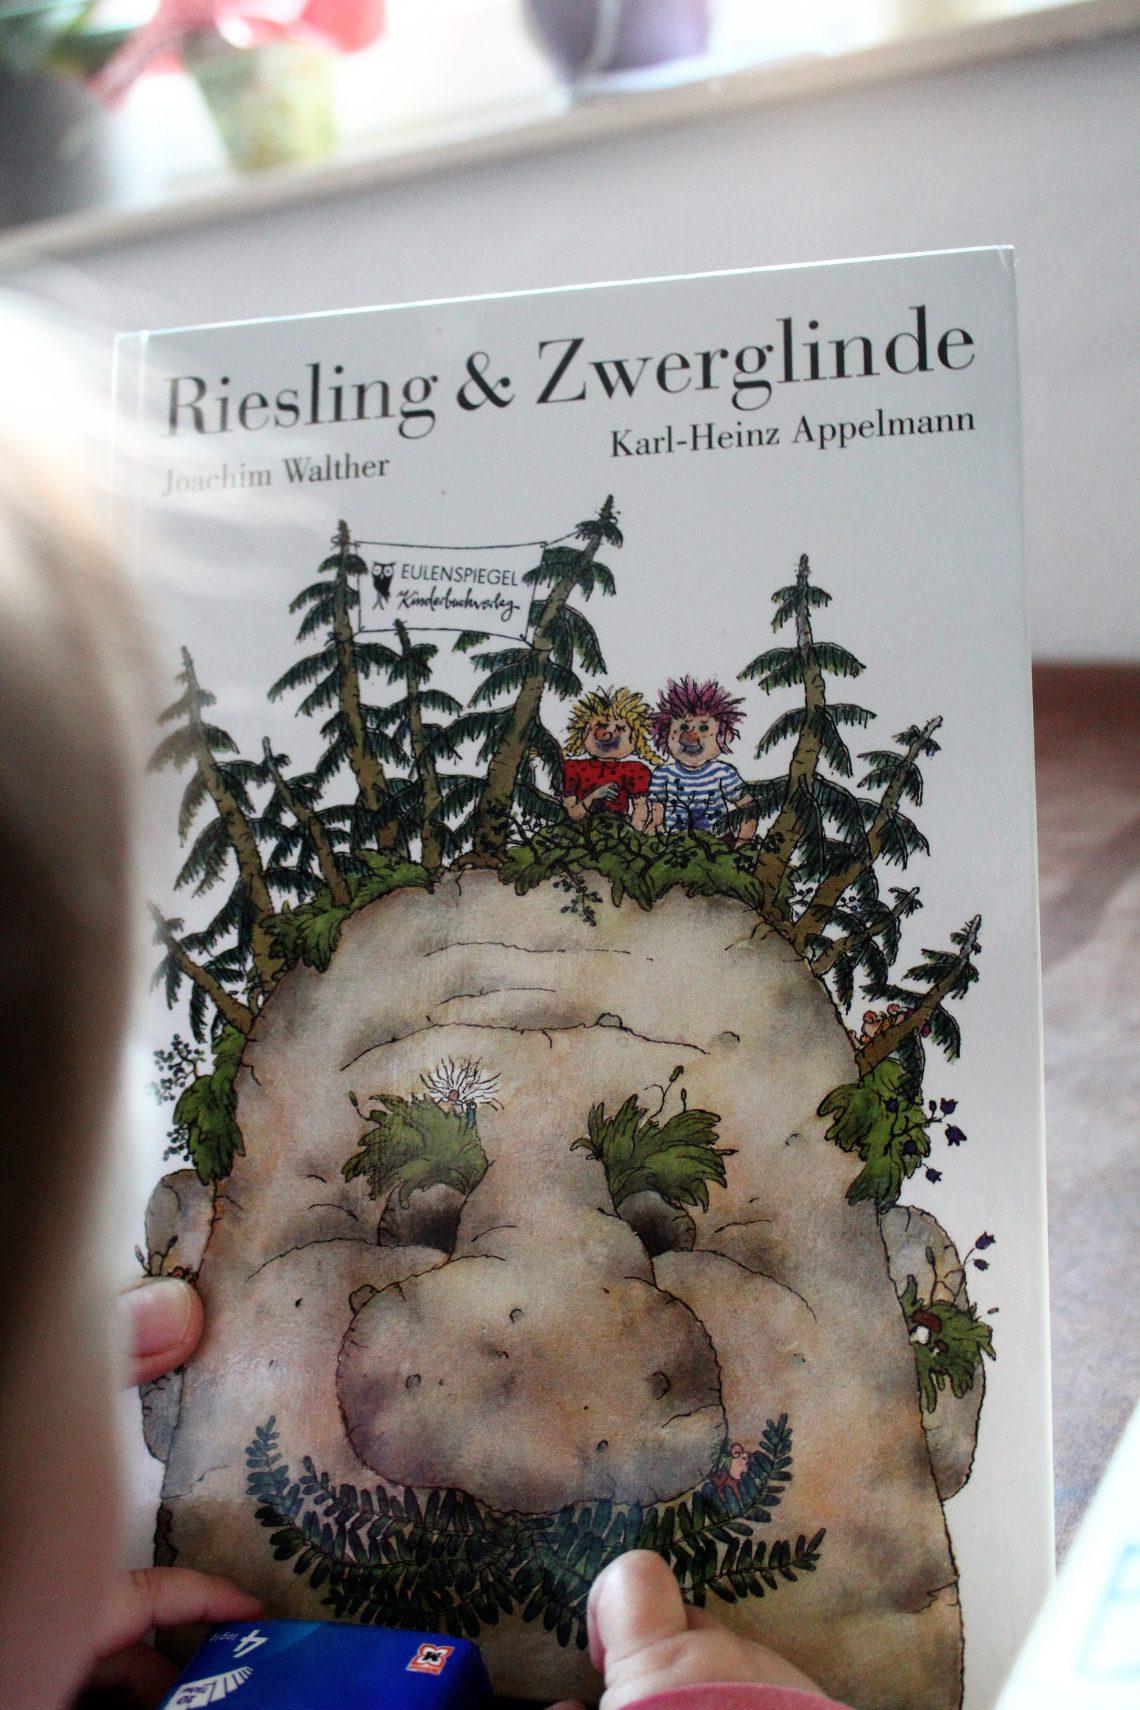 Kind hält das Buch Riesling und Zwerglinde hoch